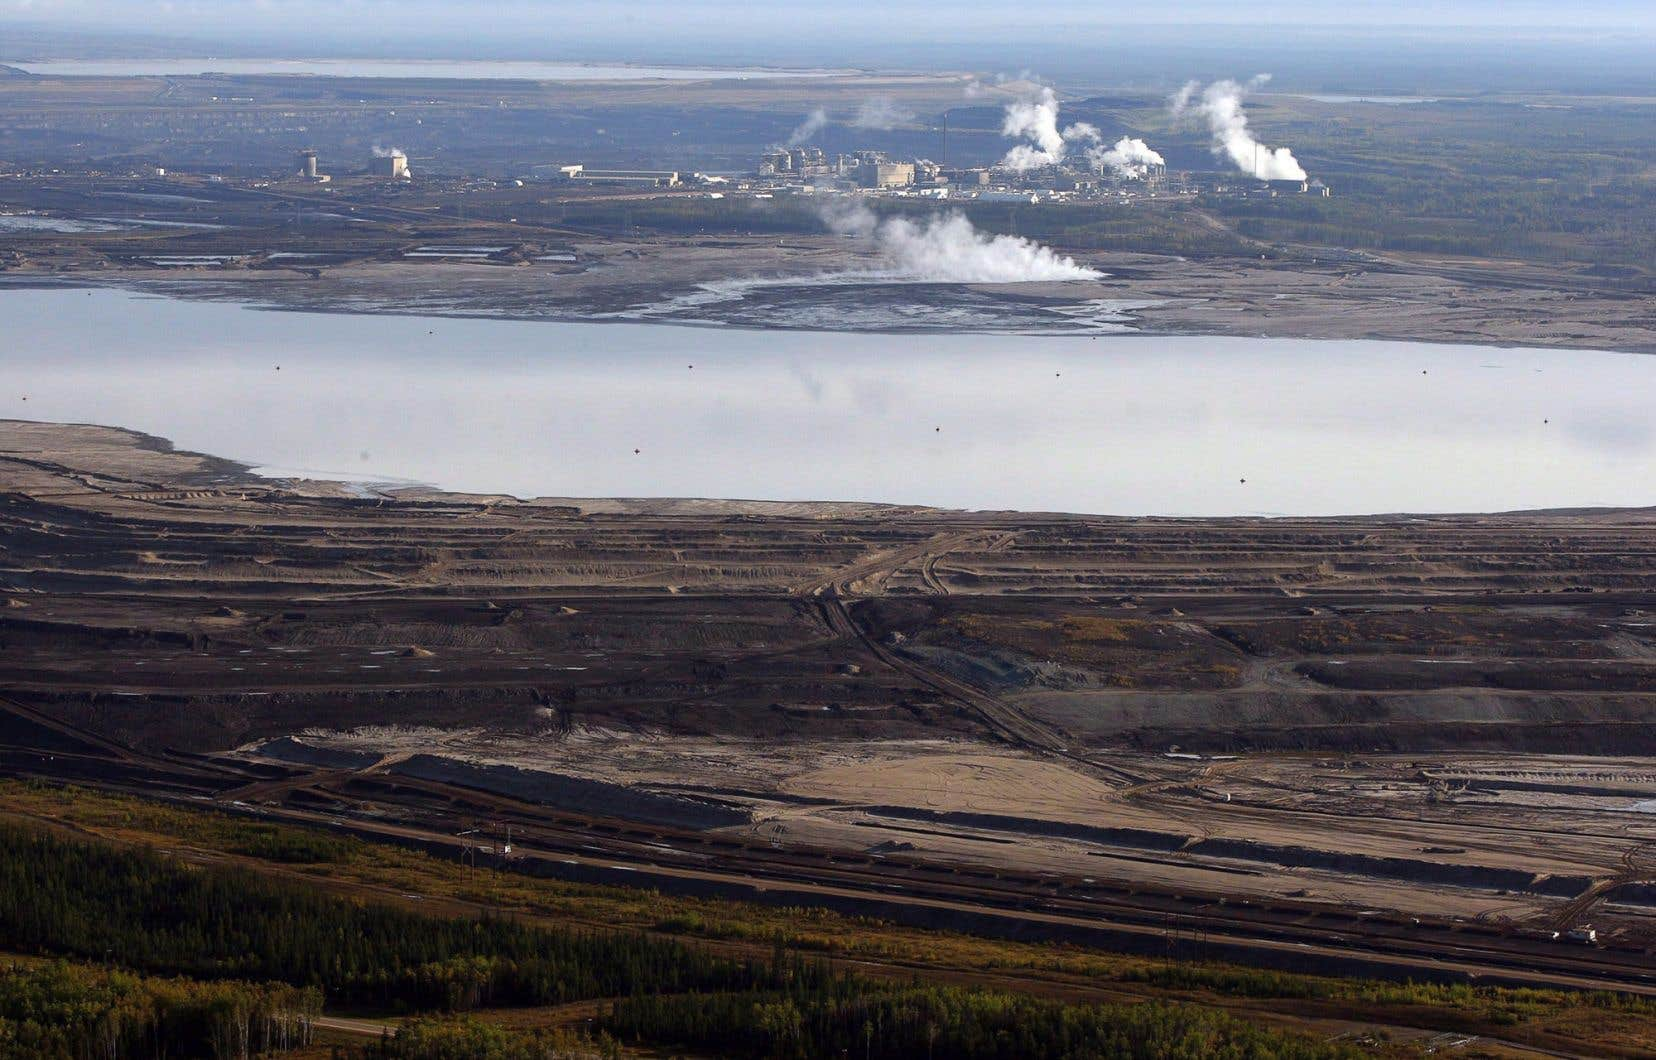 Selon toutes les prévisions sérieuses, si le président Obama approuve la construction du pipeline Keystone XL, la quantité d'hydrocarbures lâchée dans l'atmosphère fera grimper la température de la Terre d'encore un demi-degré.